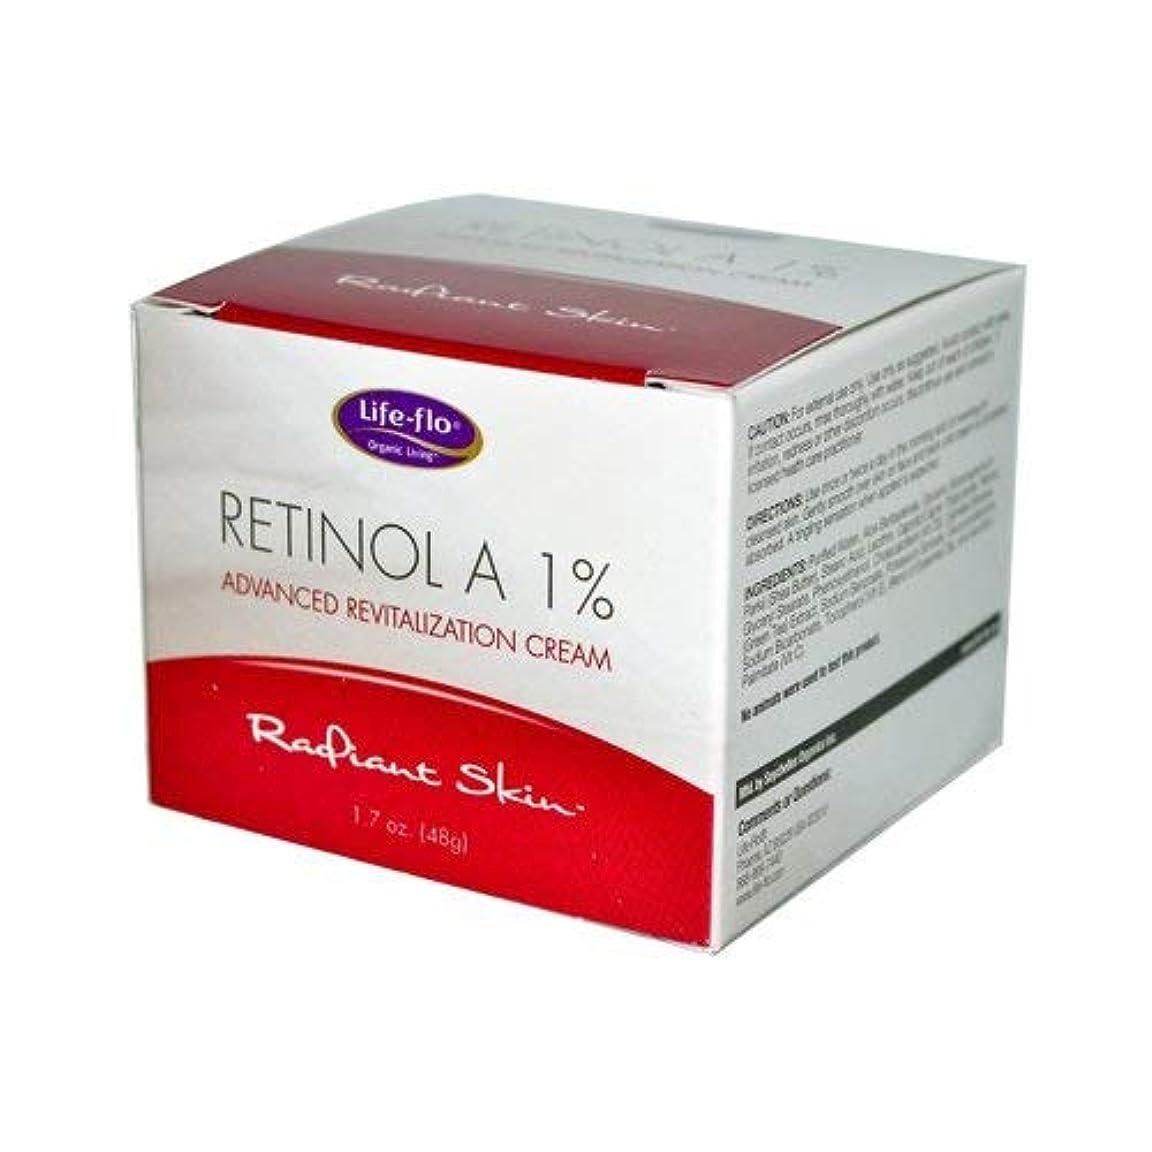 臨検良心的神の海外直送品 Life-Flo Retinol A 1% Advanced Revitalization Cream, 1.7 oz- 4 Packs